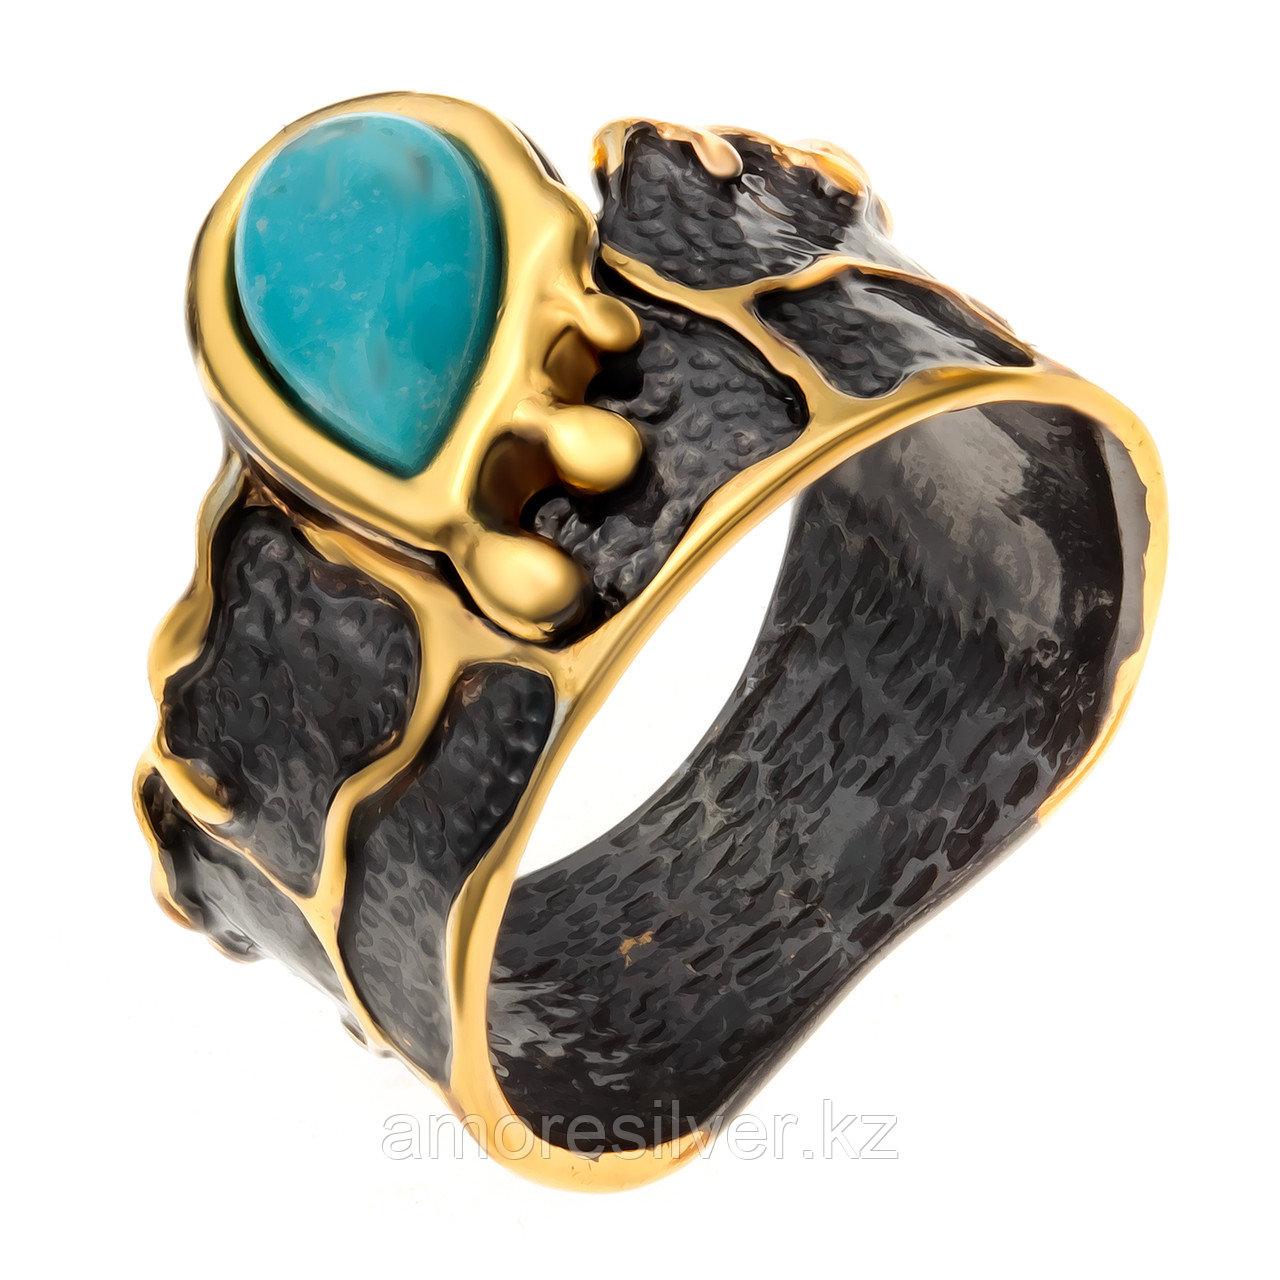 Кольцо Балтийское золото , бирюза, модное 71751035